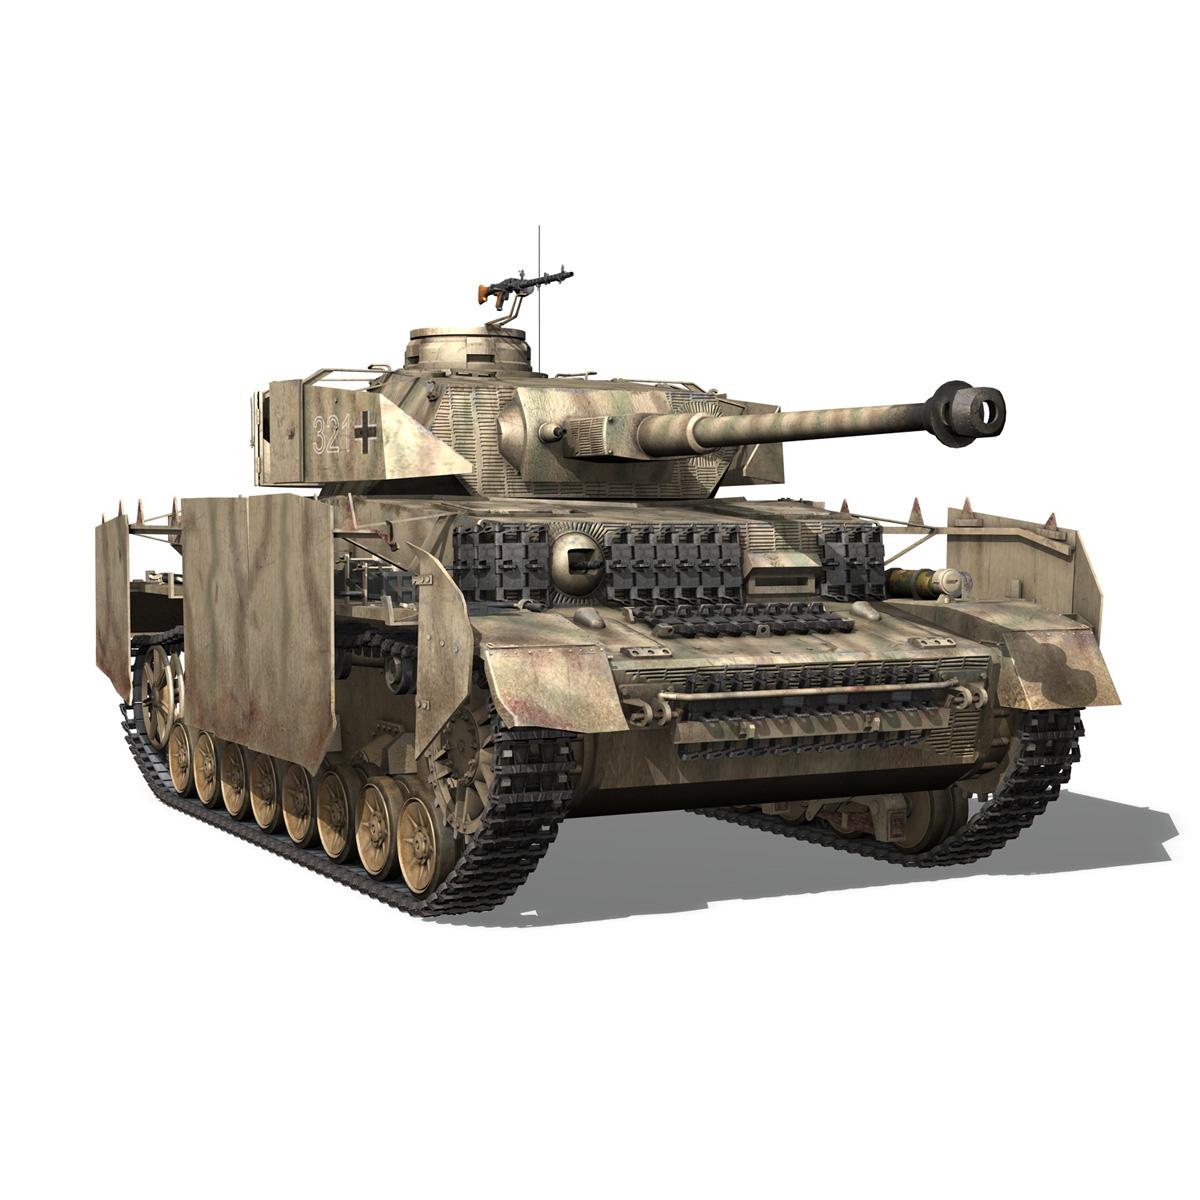 sd.kfz 161 pzkpfw iv panzer 4 ausf.h late 3d model 3ds fbx c4d lwo obj 190345